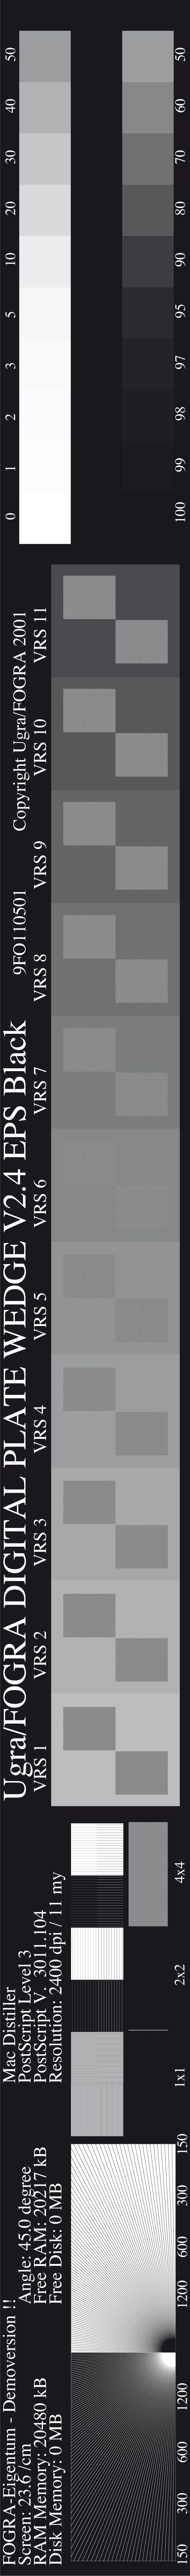 Wiki zu Druck und Medien